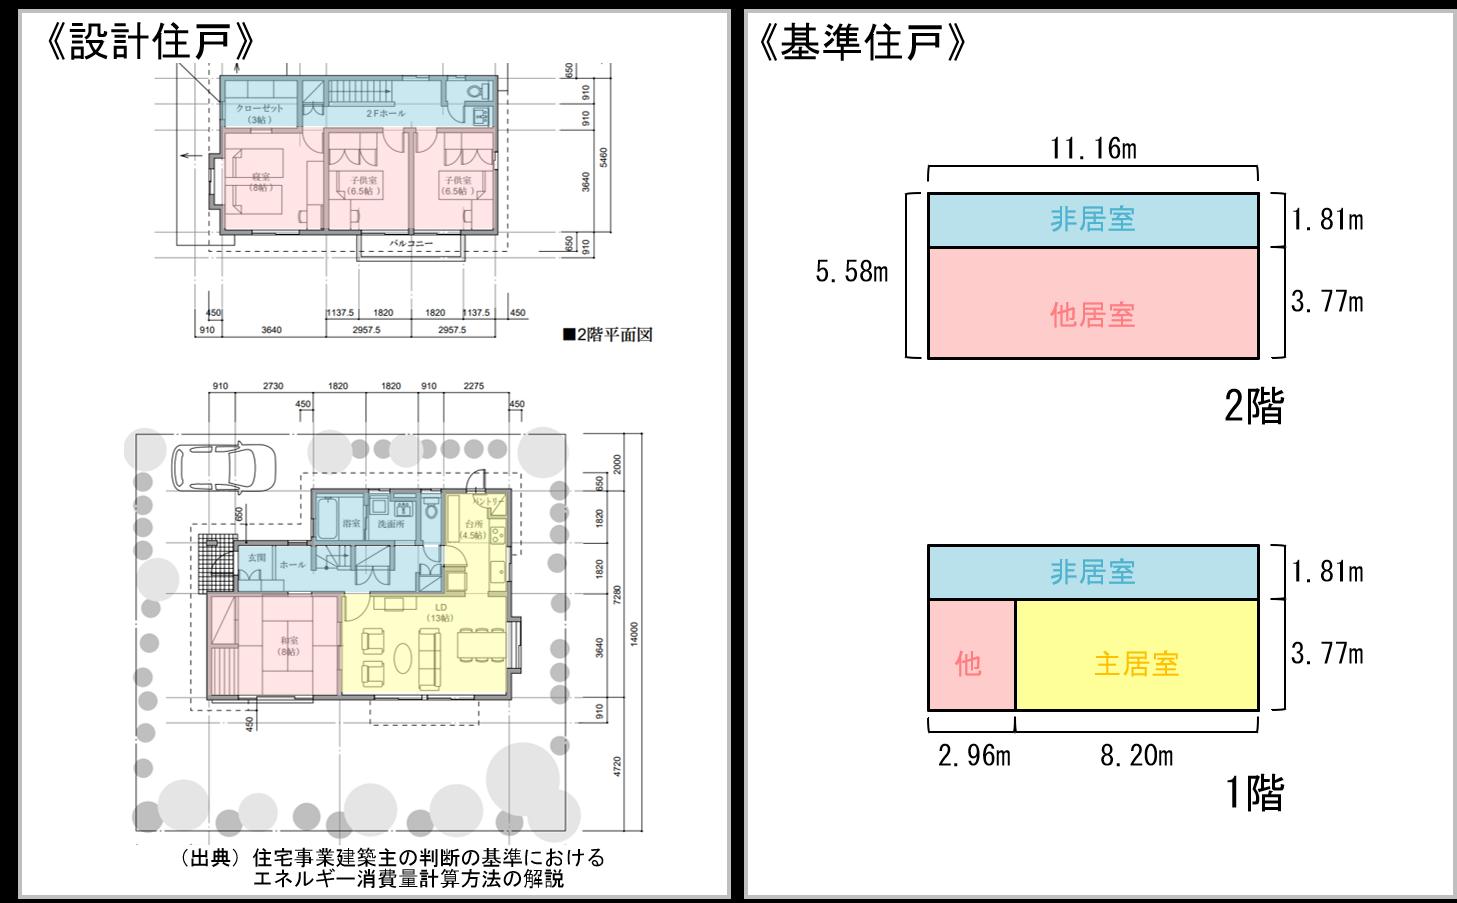 戸建住宅の基準住戸の例